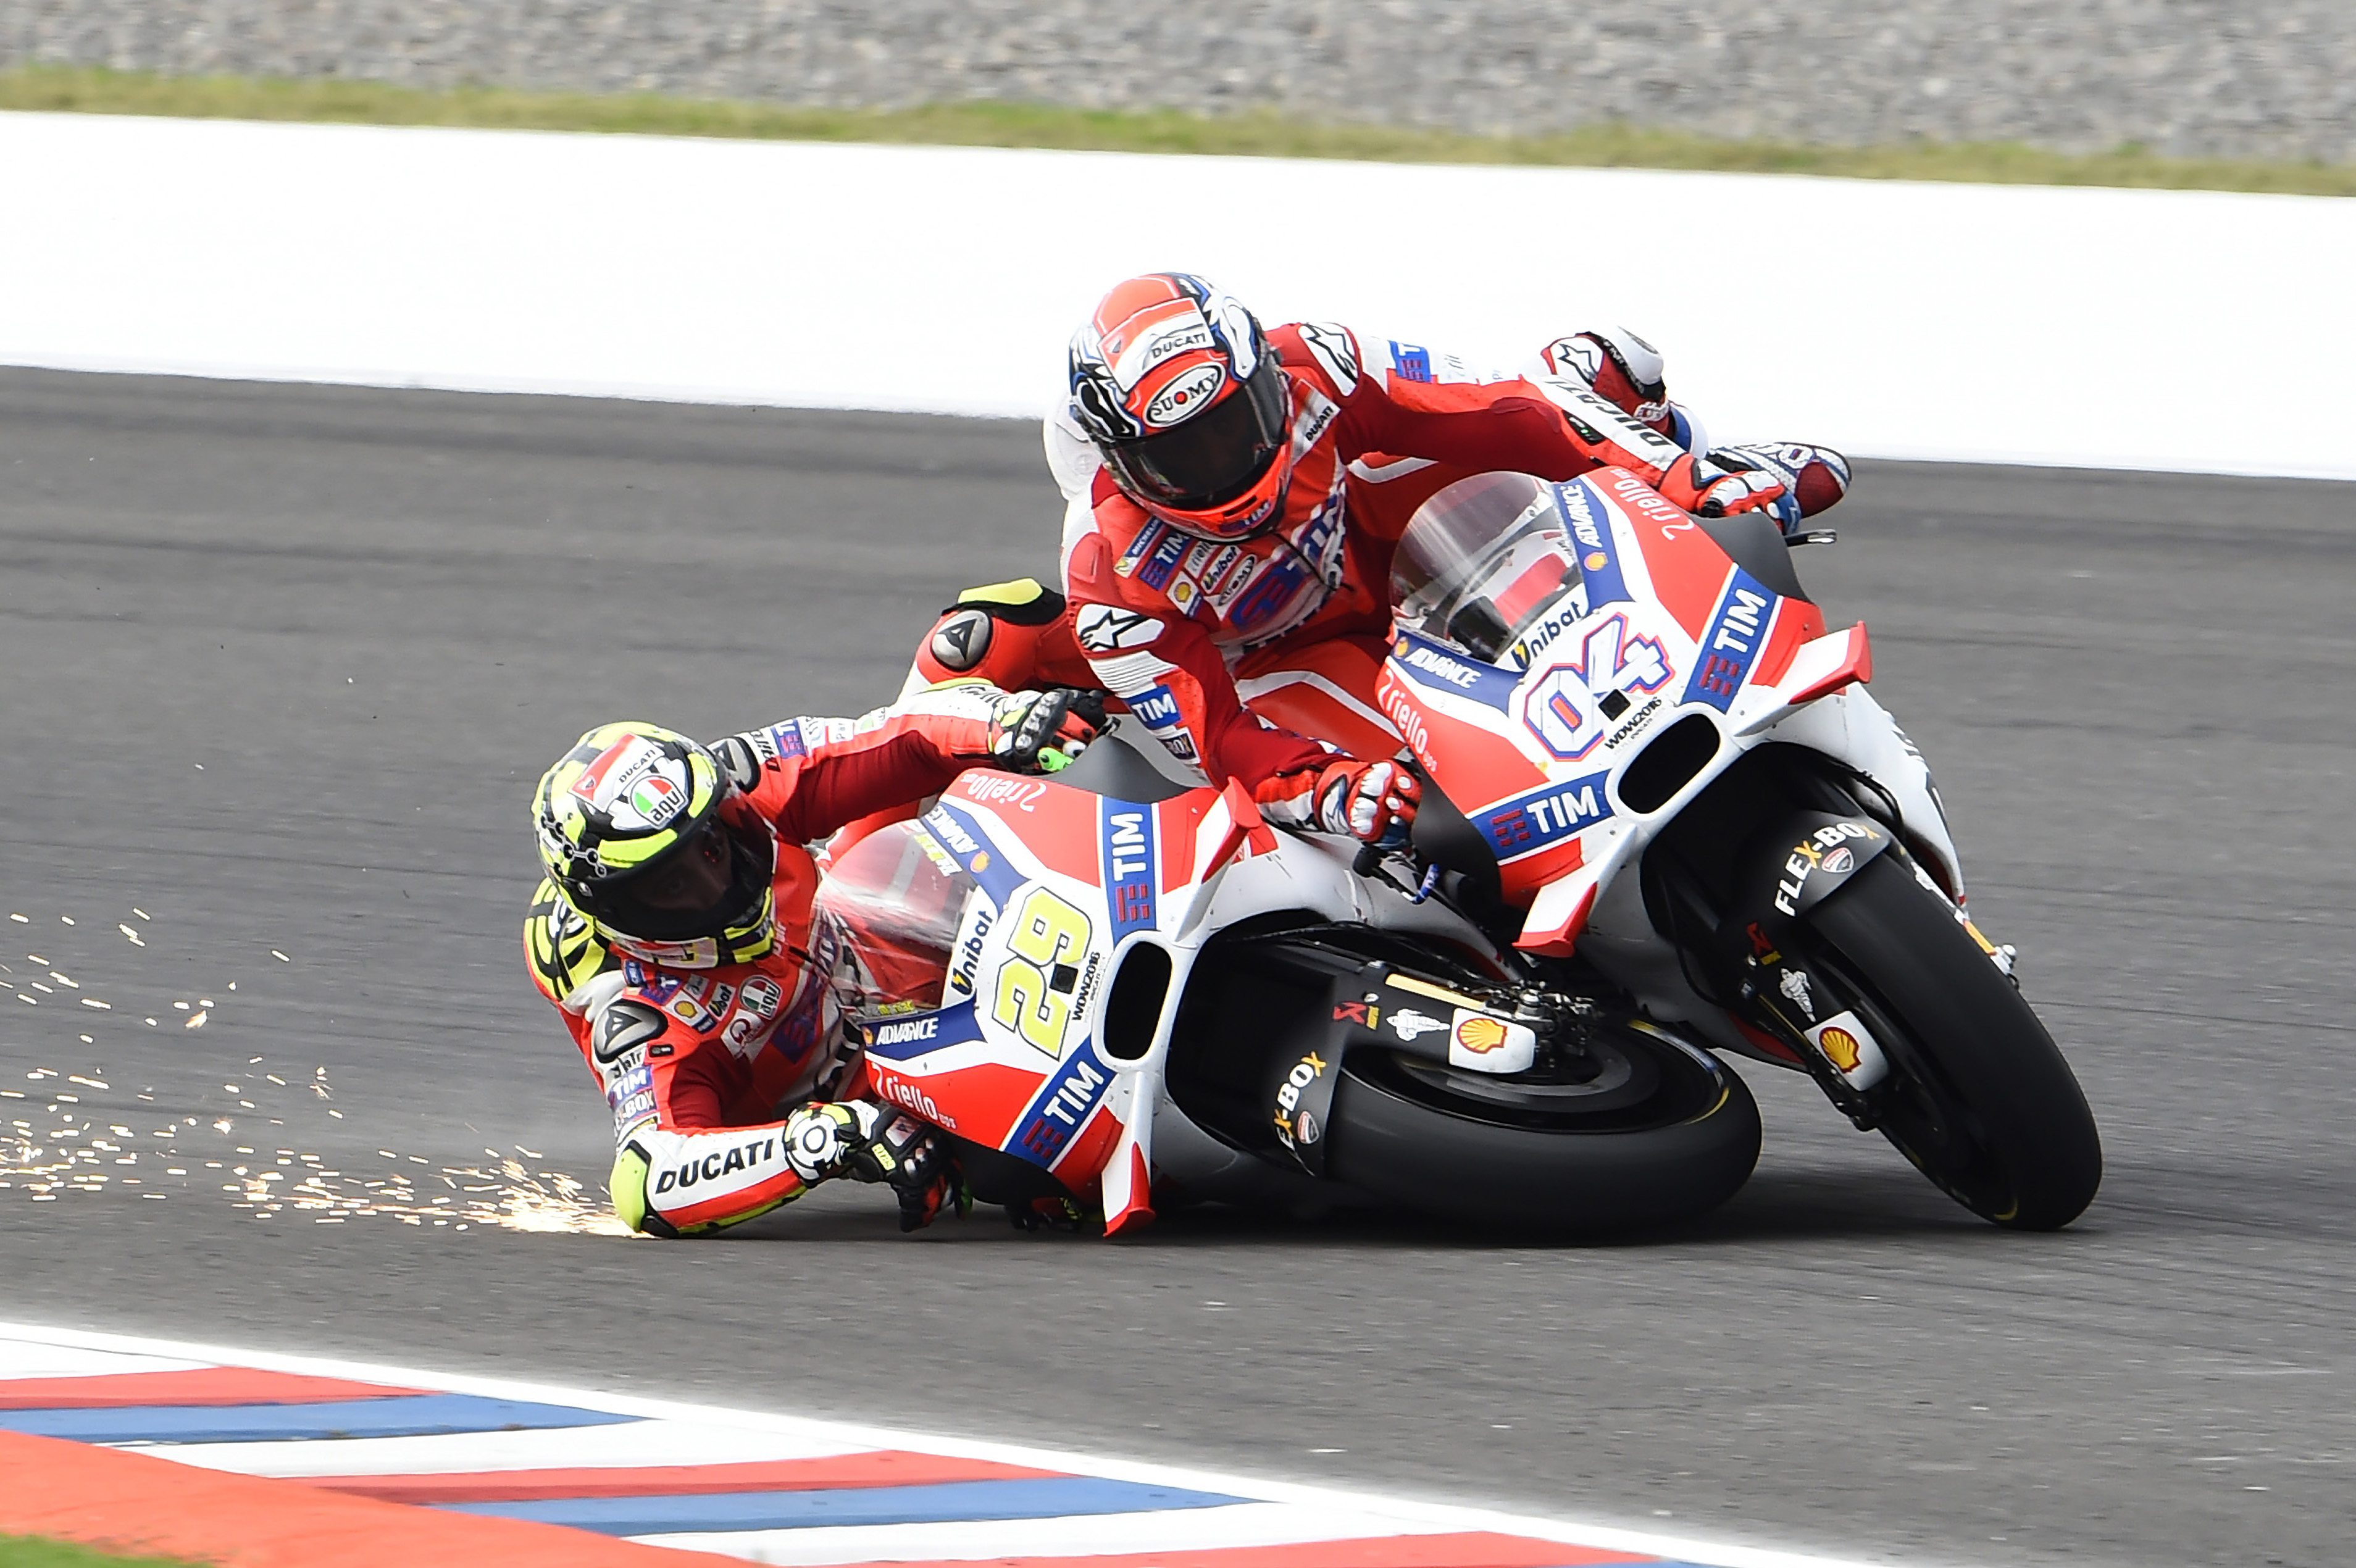 Andrea Iannone Andrea Dovizioso collision Ducati Termas de Rio Hondo MotoGP Argentina 2016